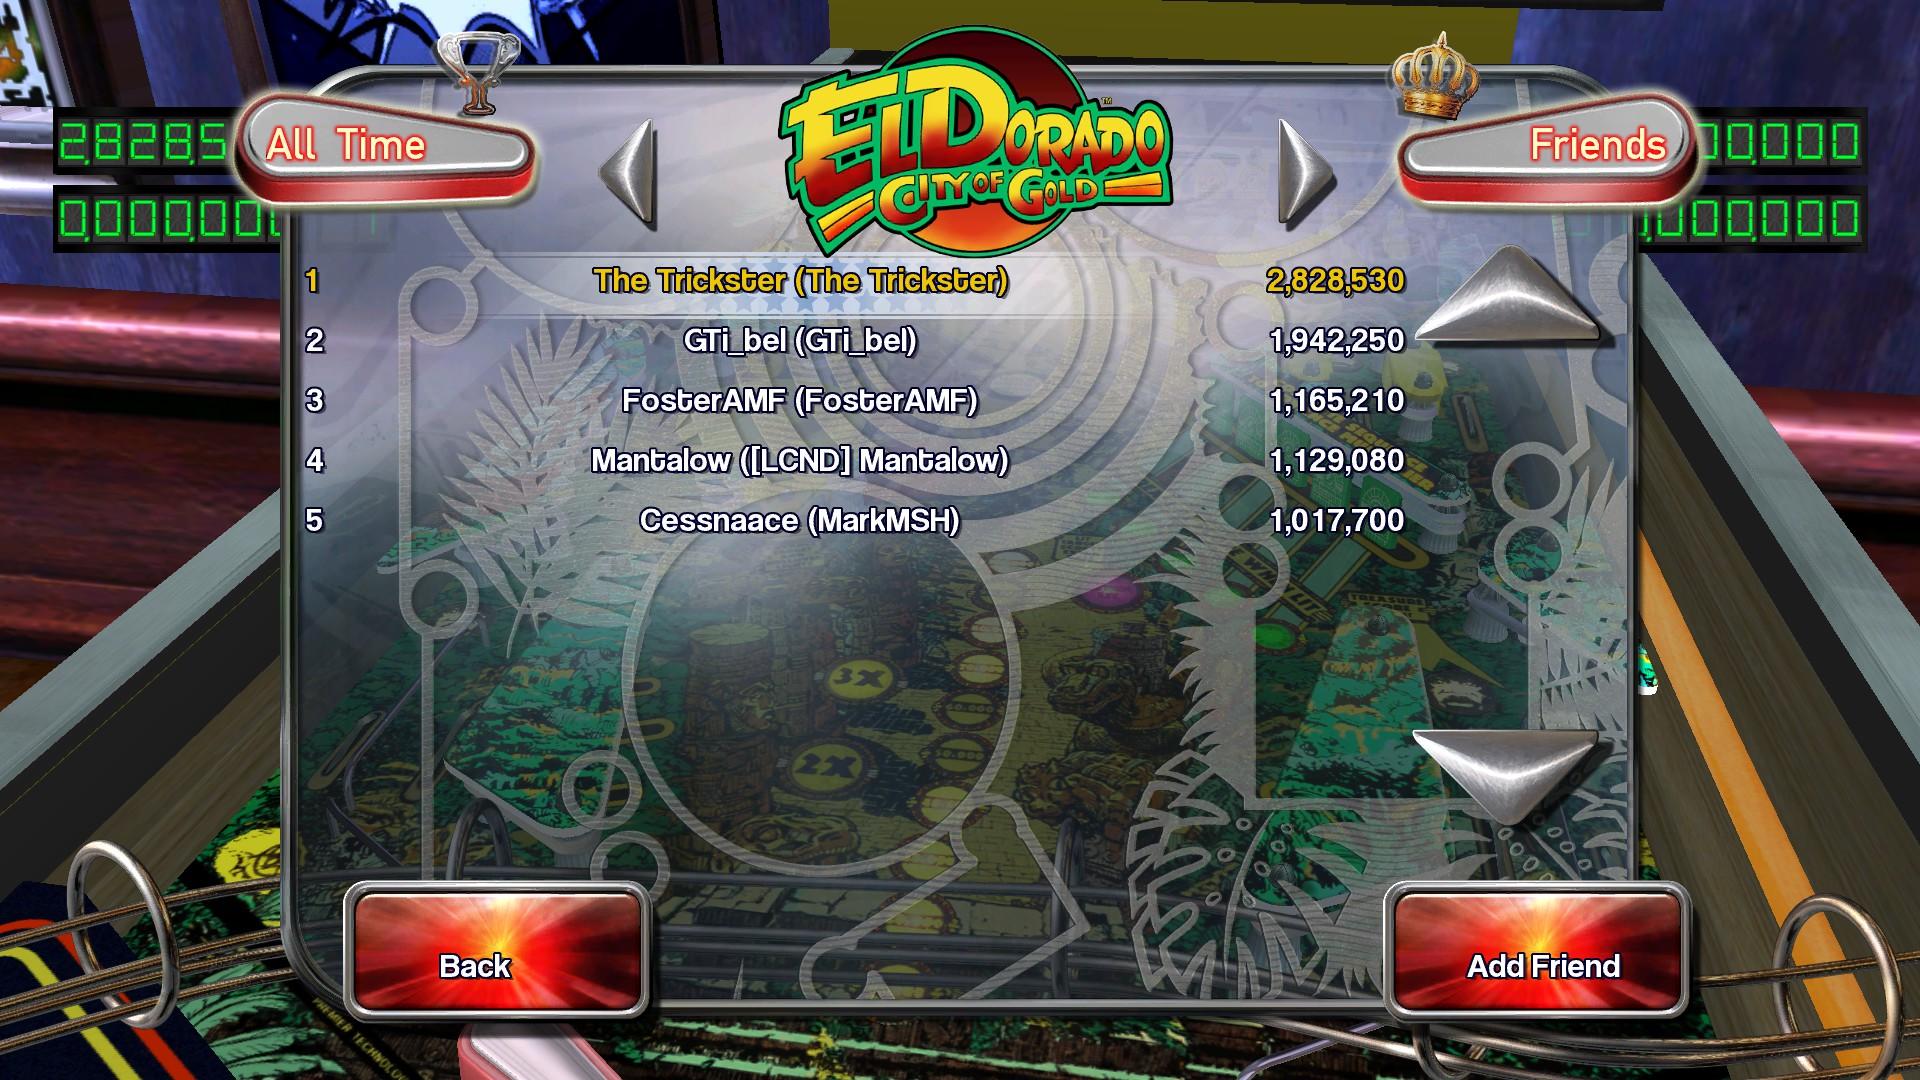 Pinball Arcade: El Dorado: City of Gold 2,828,530 points